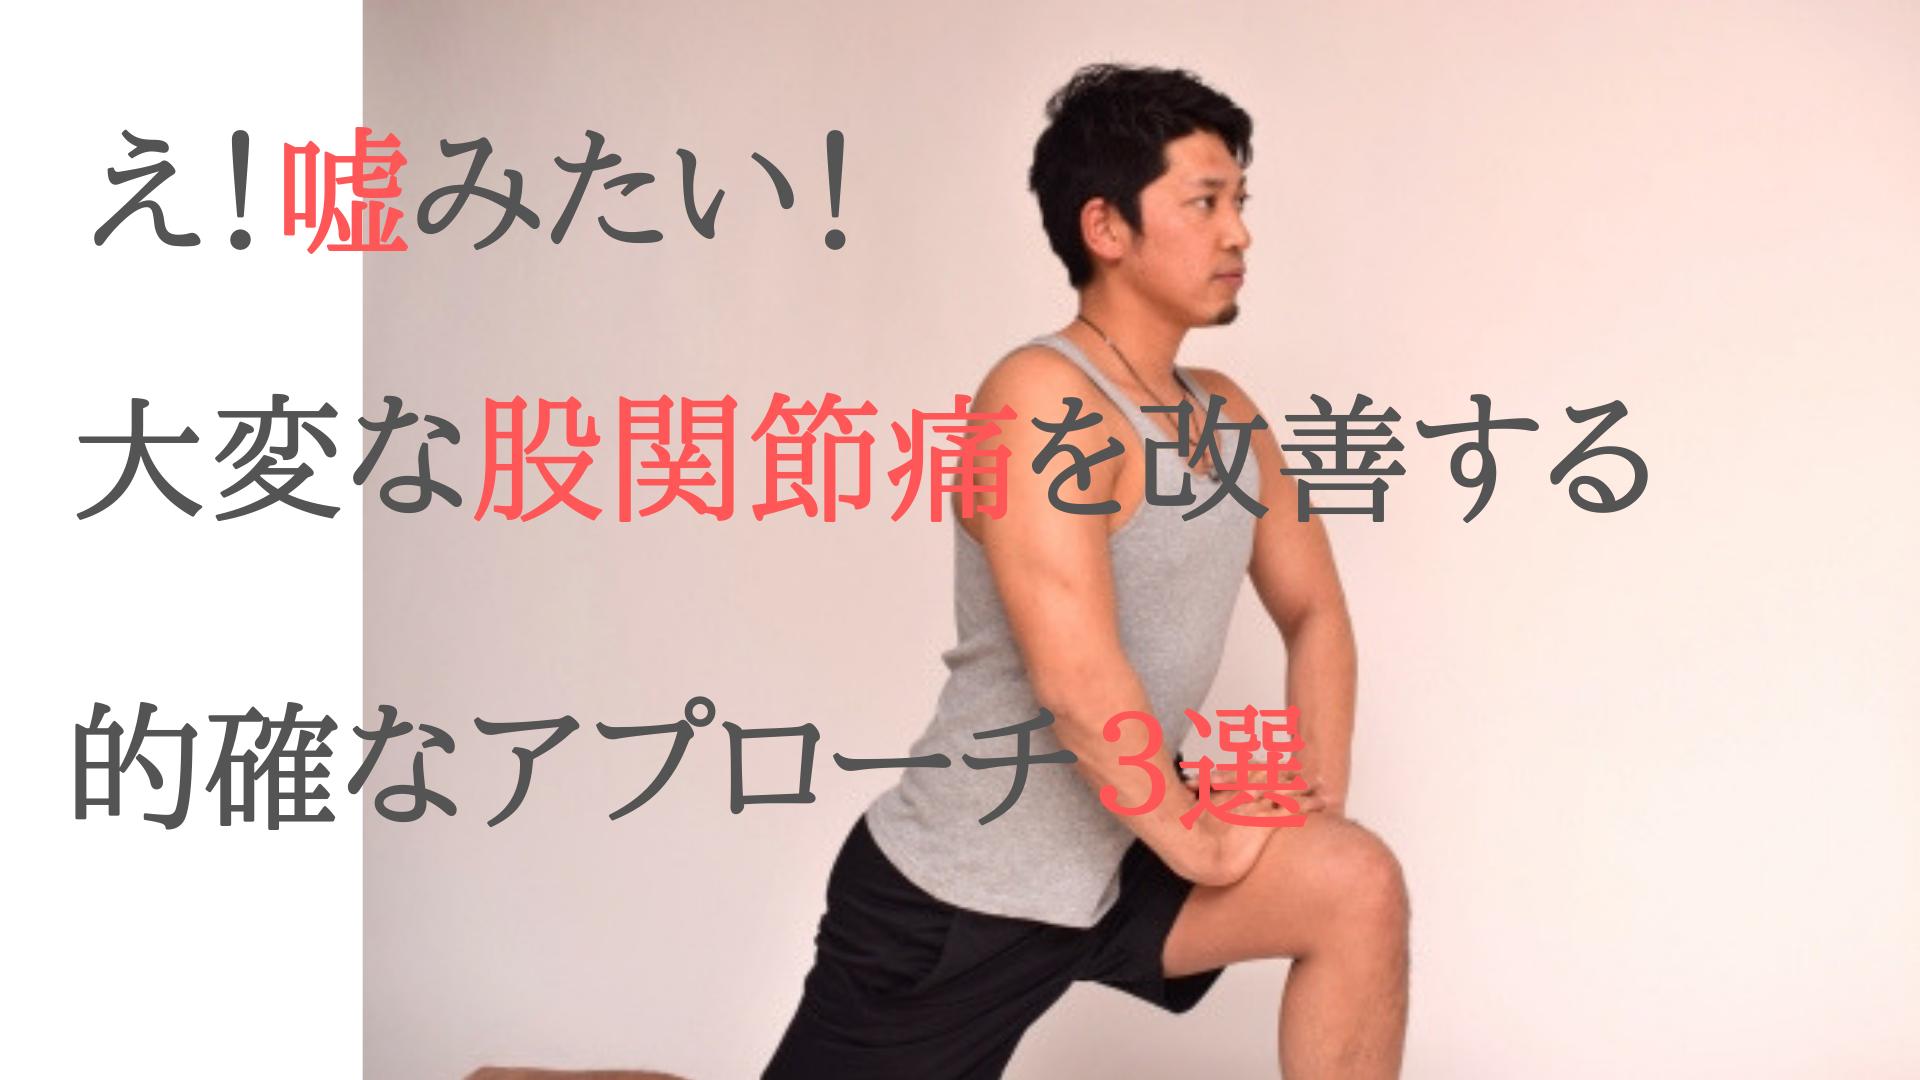 え!嘘みたい!大変な股関節痛を改善する的確なアプローチ3選